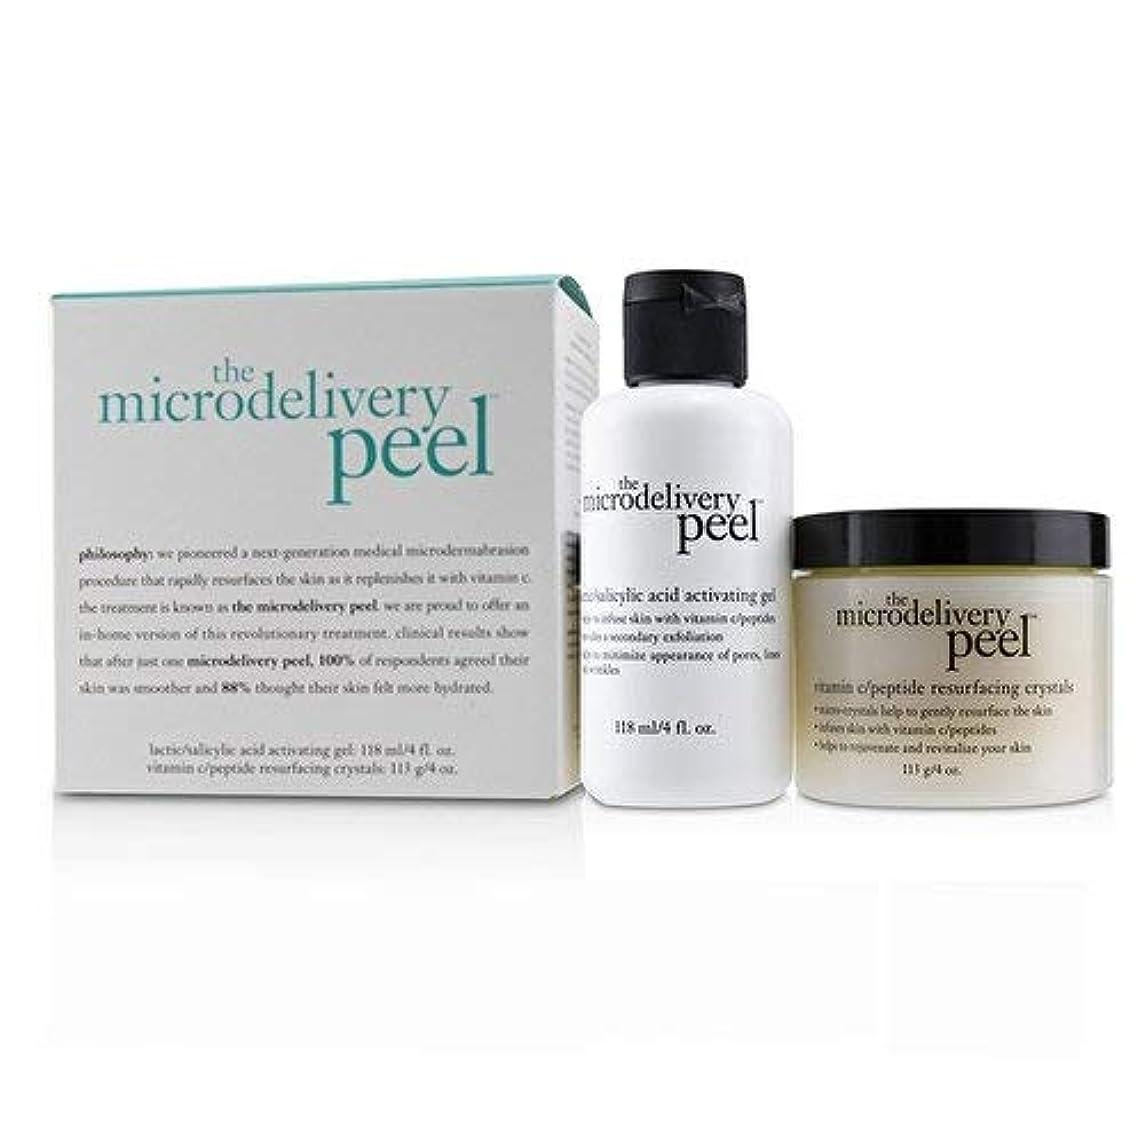 リズミカルな理想的には自動化フィロソフィー The Microdelivery Peel: Lactic/Salicylic Acid Activating Gel 118ml + Vitamin C/Peptide Resurfacing Crystals...